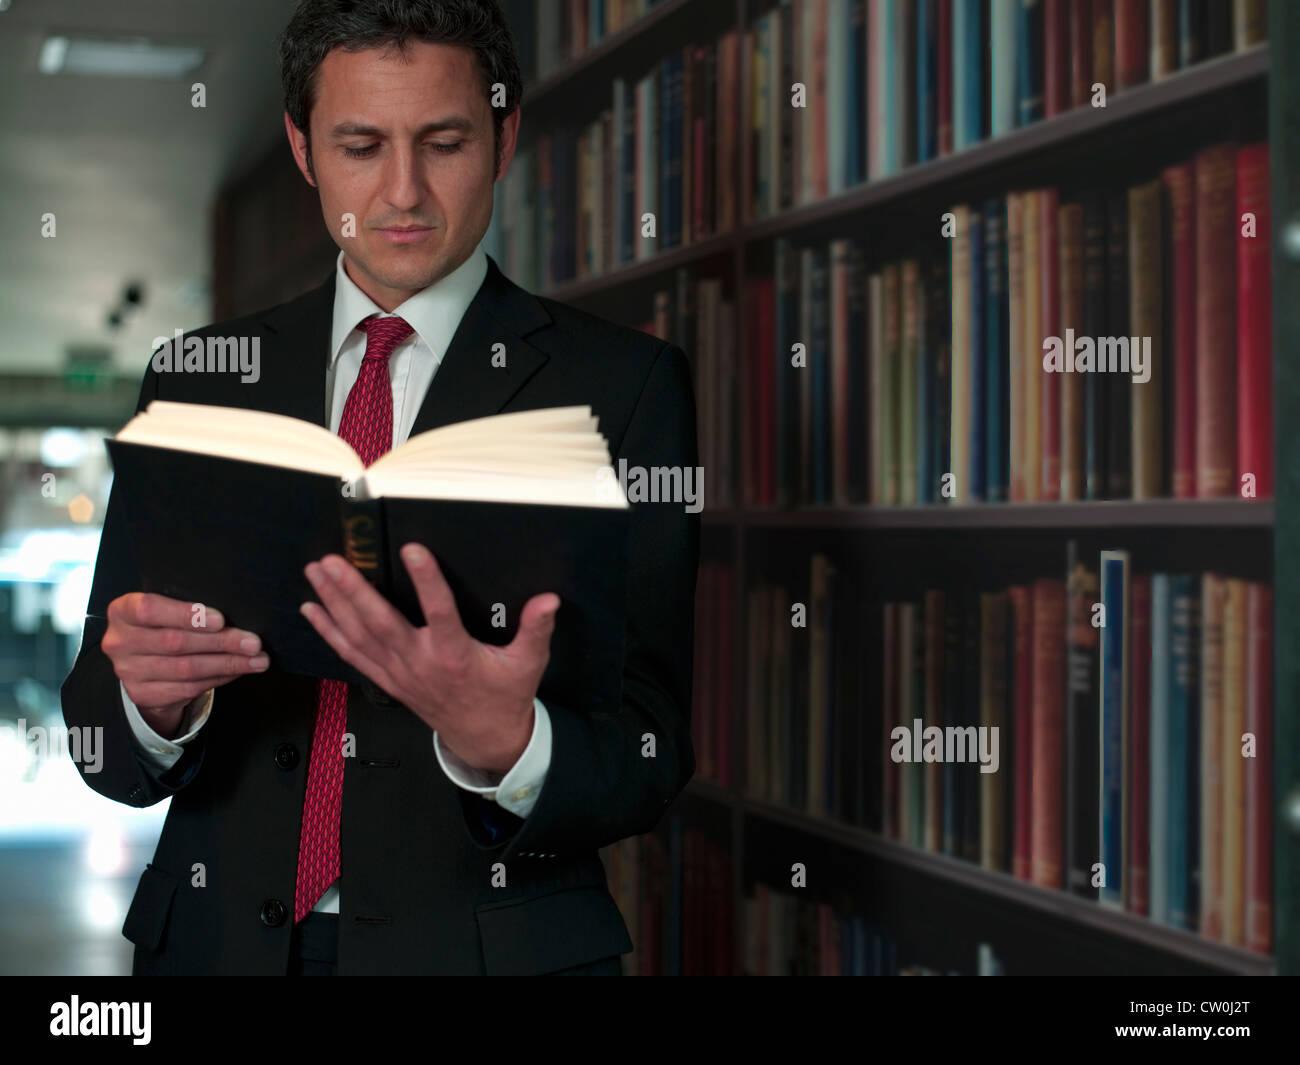 Empresario libro de lectura en la biblioteca Imagen De Stock